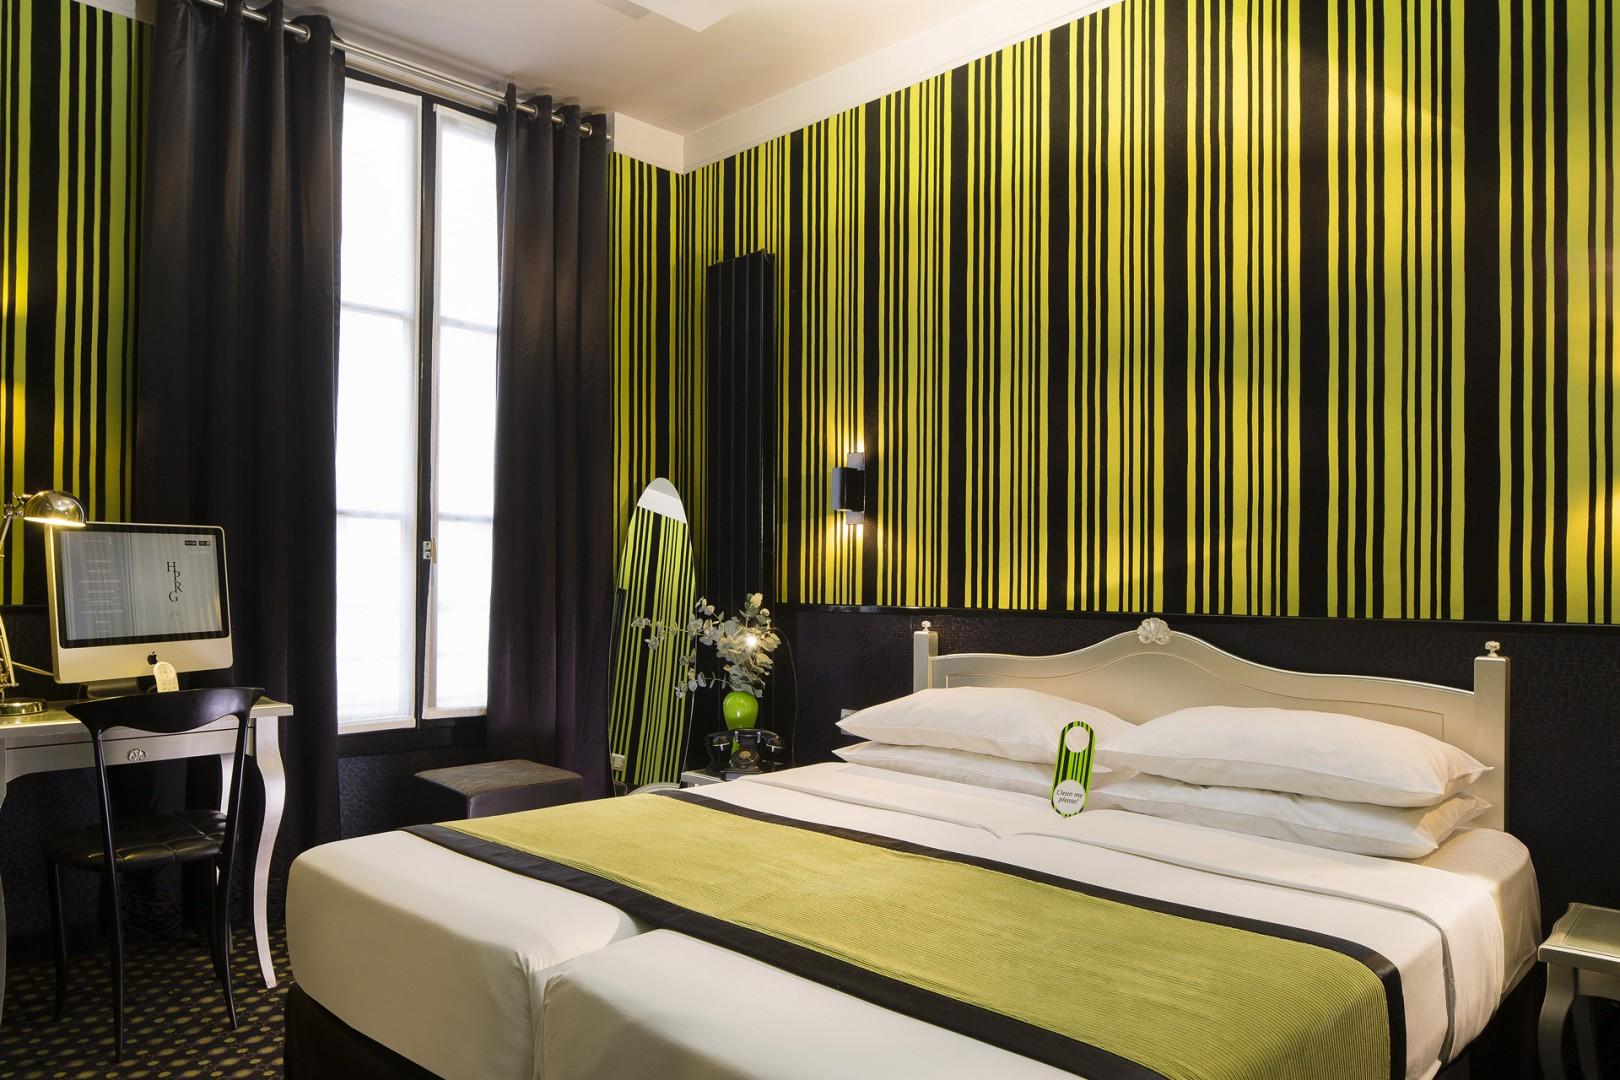 Galerie photos h tel design sorbonne paris panth on st for Paris hotel design